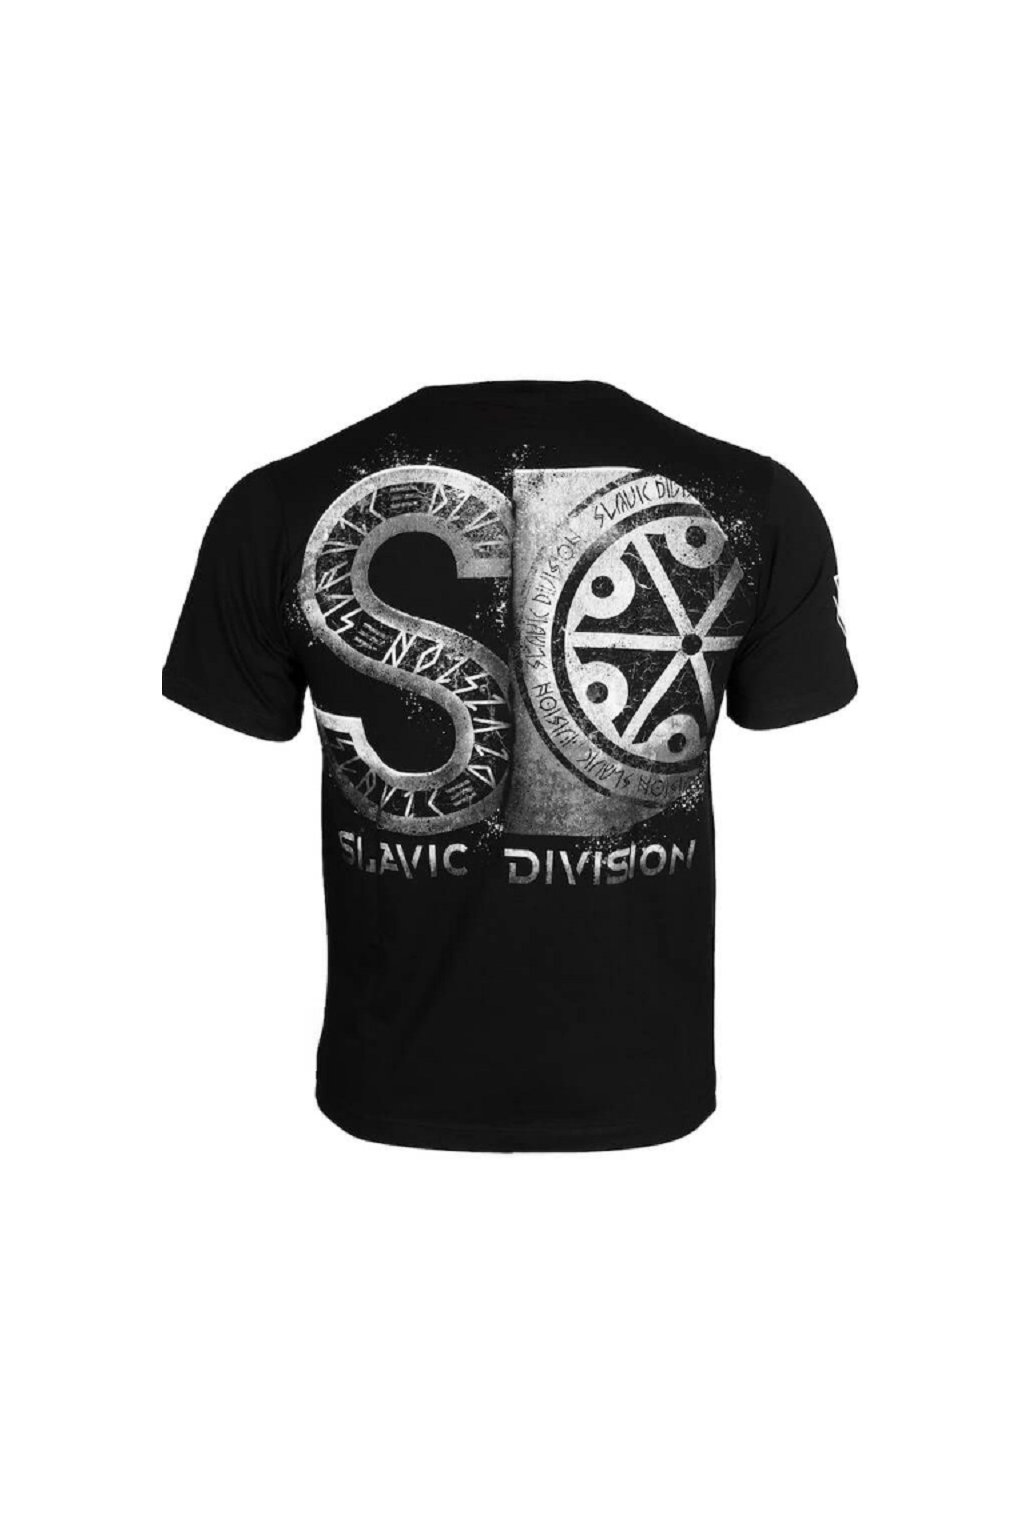 Slavic Division pánské triko SD černá obr1